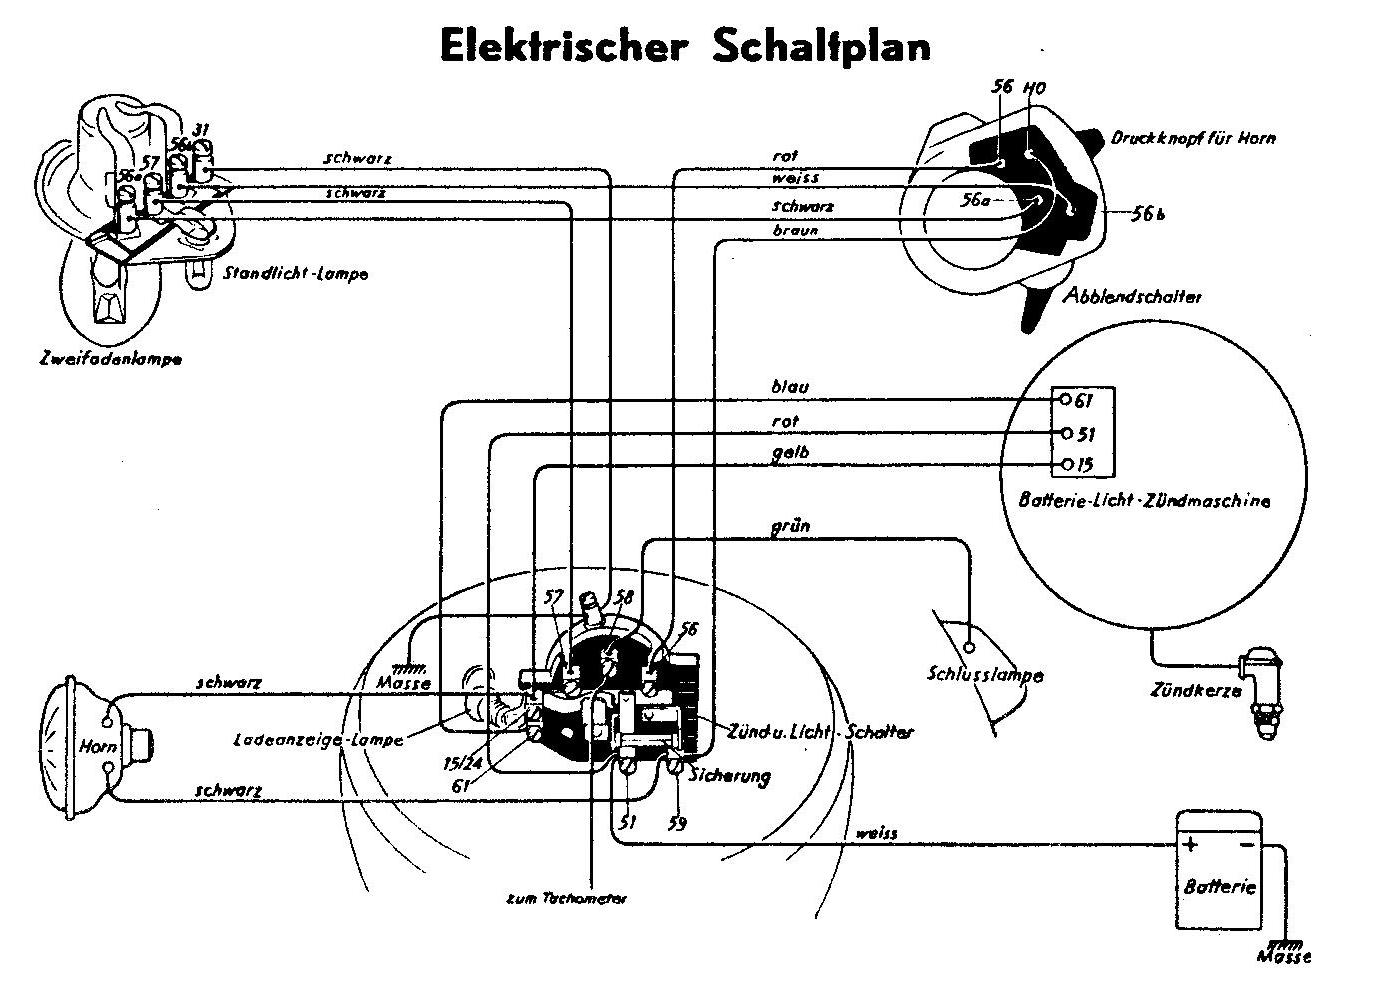 Elektrischer Schaltplan